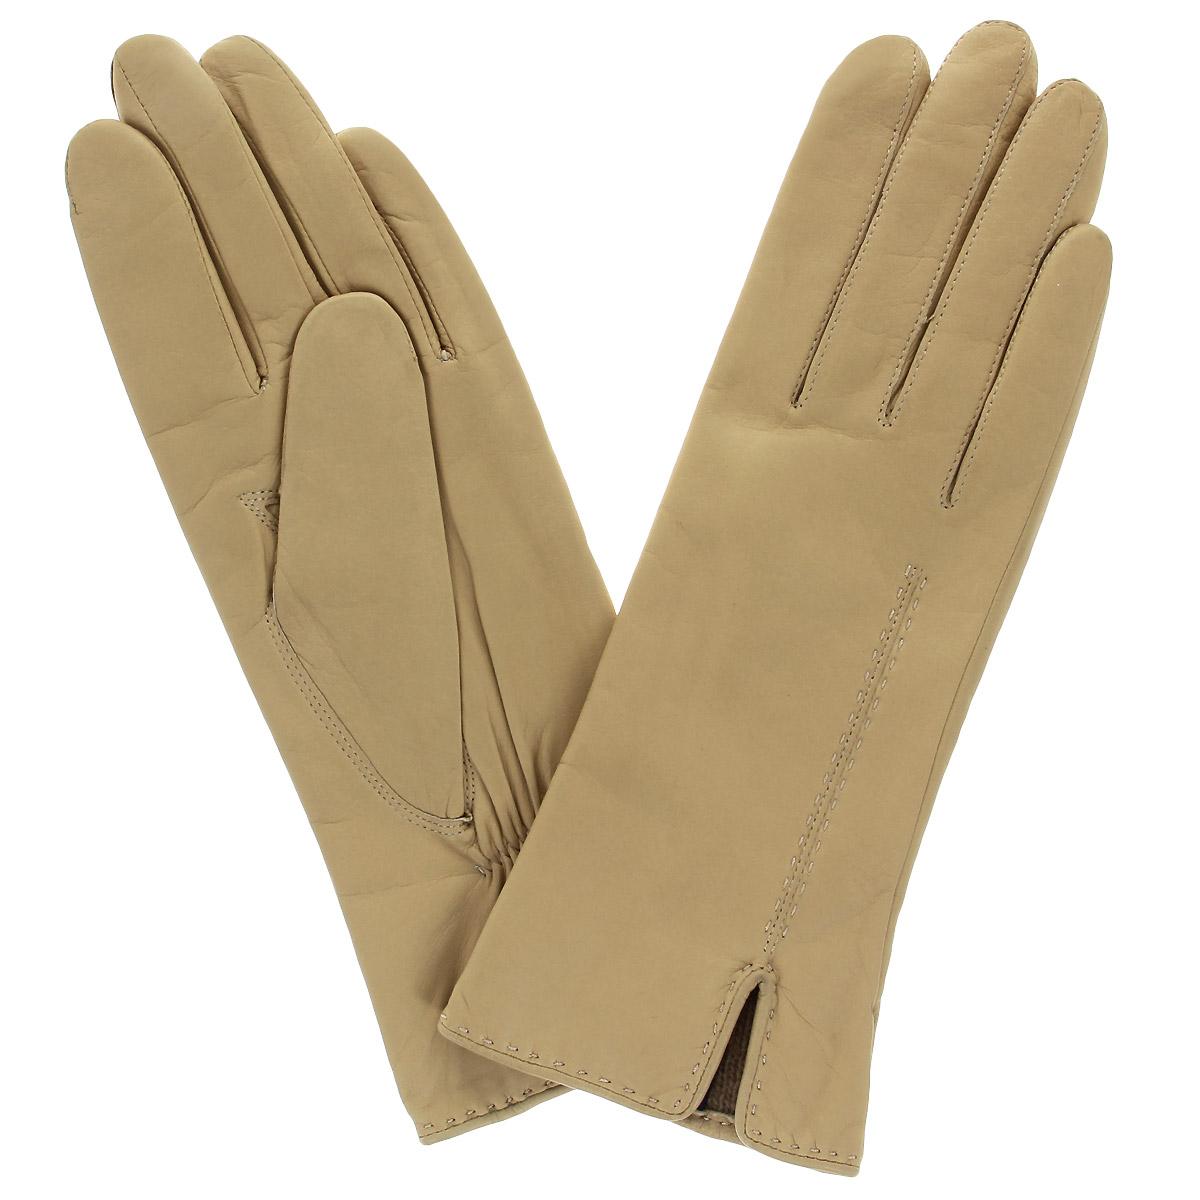 13_ALINA/MAGEСтильные перчатки Dali Exclusive с подкладкой из шерсти выполнены из мягкой и приятной на ощупь натуральной кожи ягненка. Лицевая сторона перчатки оформлена декоративным швом и дополнена небольшим разрезом. Такие перчатки подчеркнут ваш стиль и неповторимость и придадут всему образу нотки женственности и элегантности.